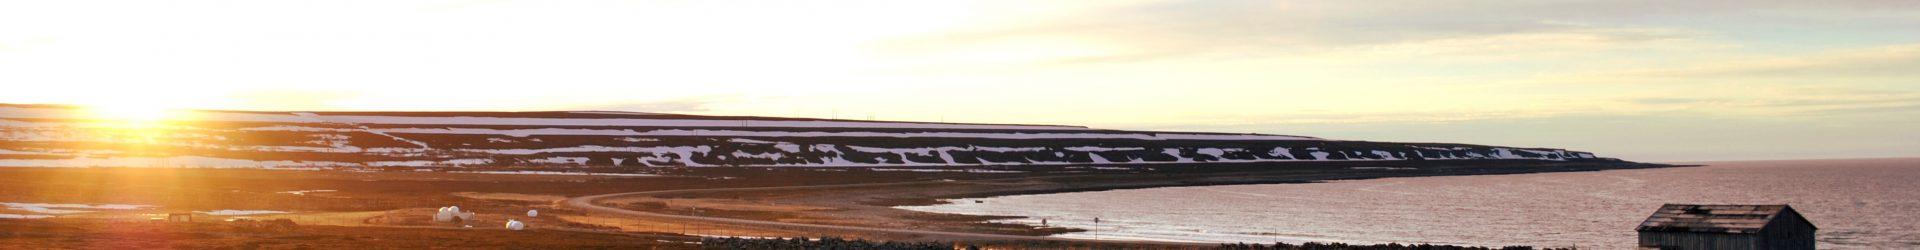 Brevet til styret for Varangerhalvøyas Nasjonalpark